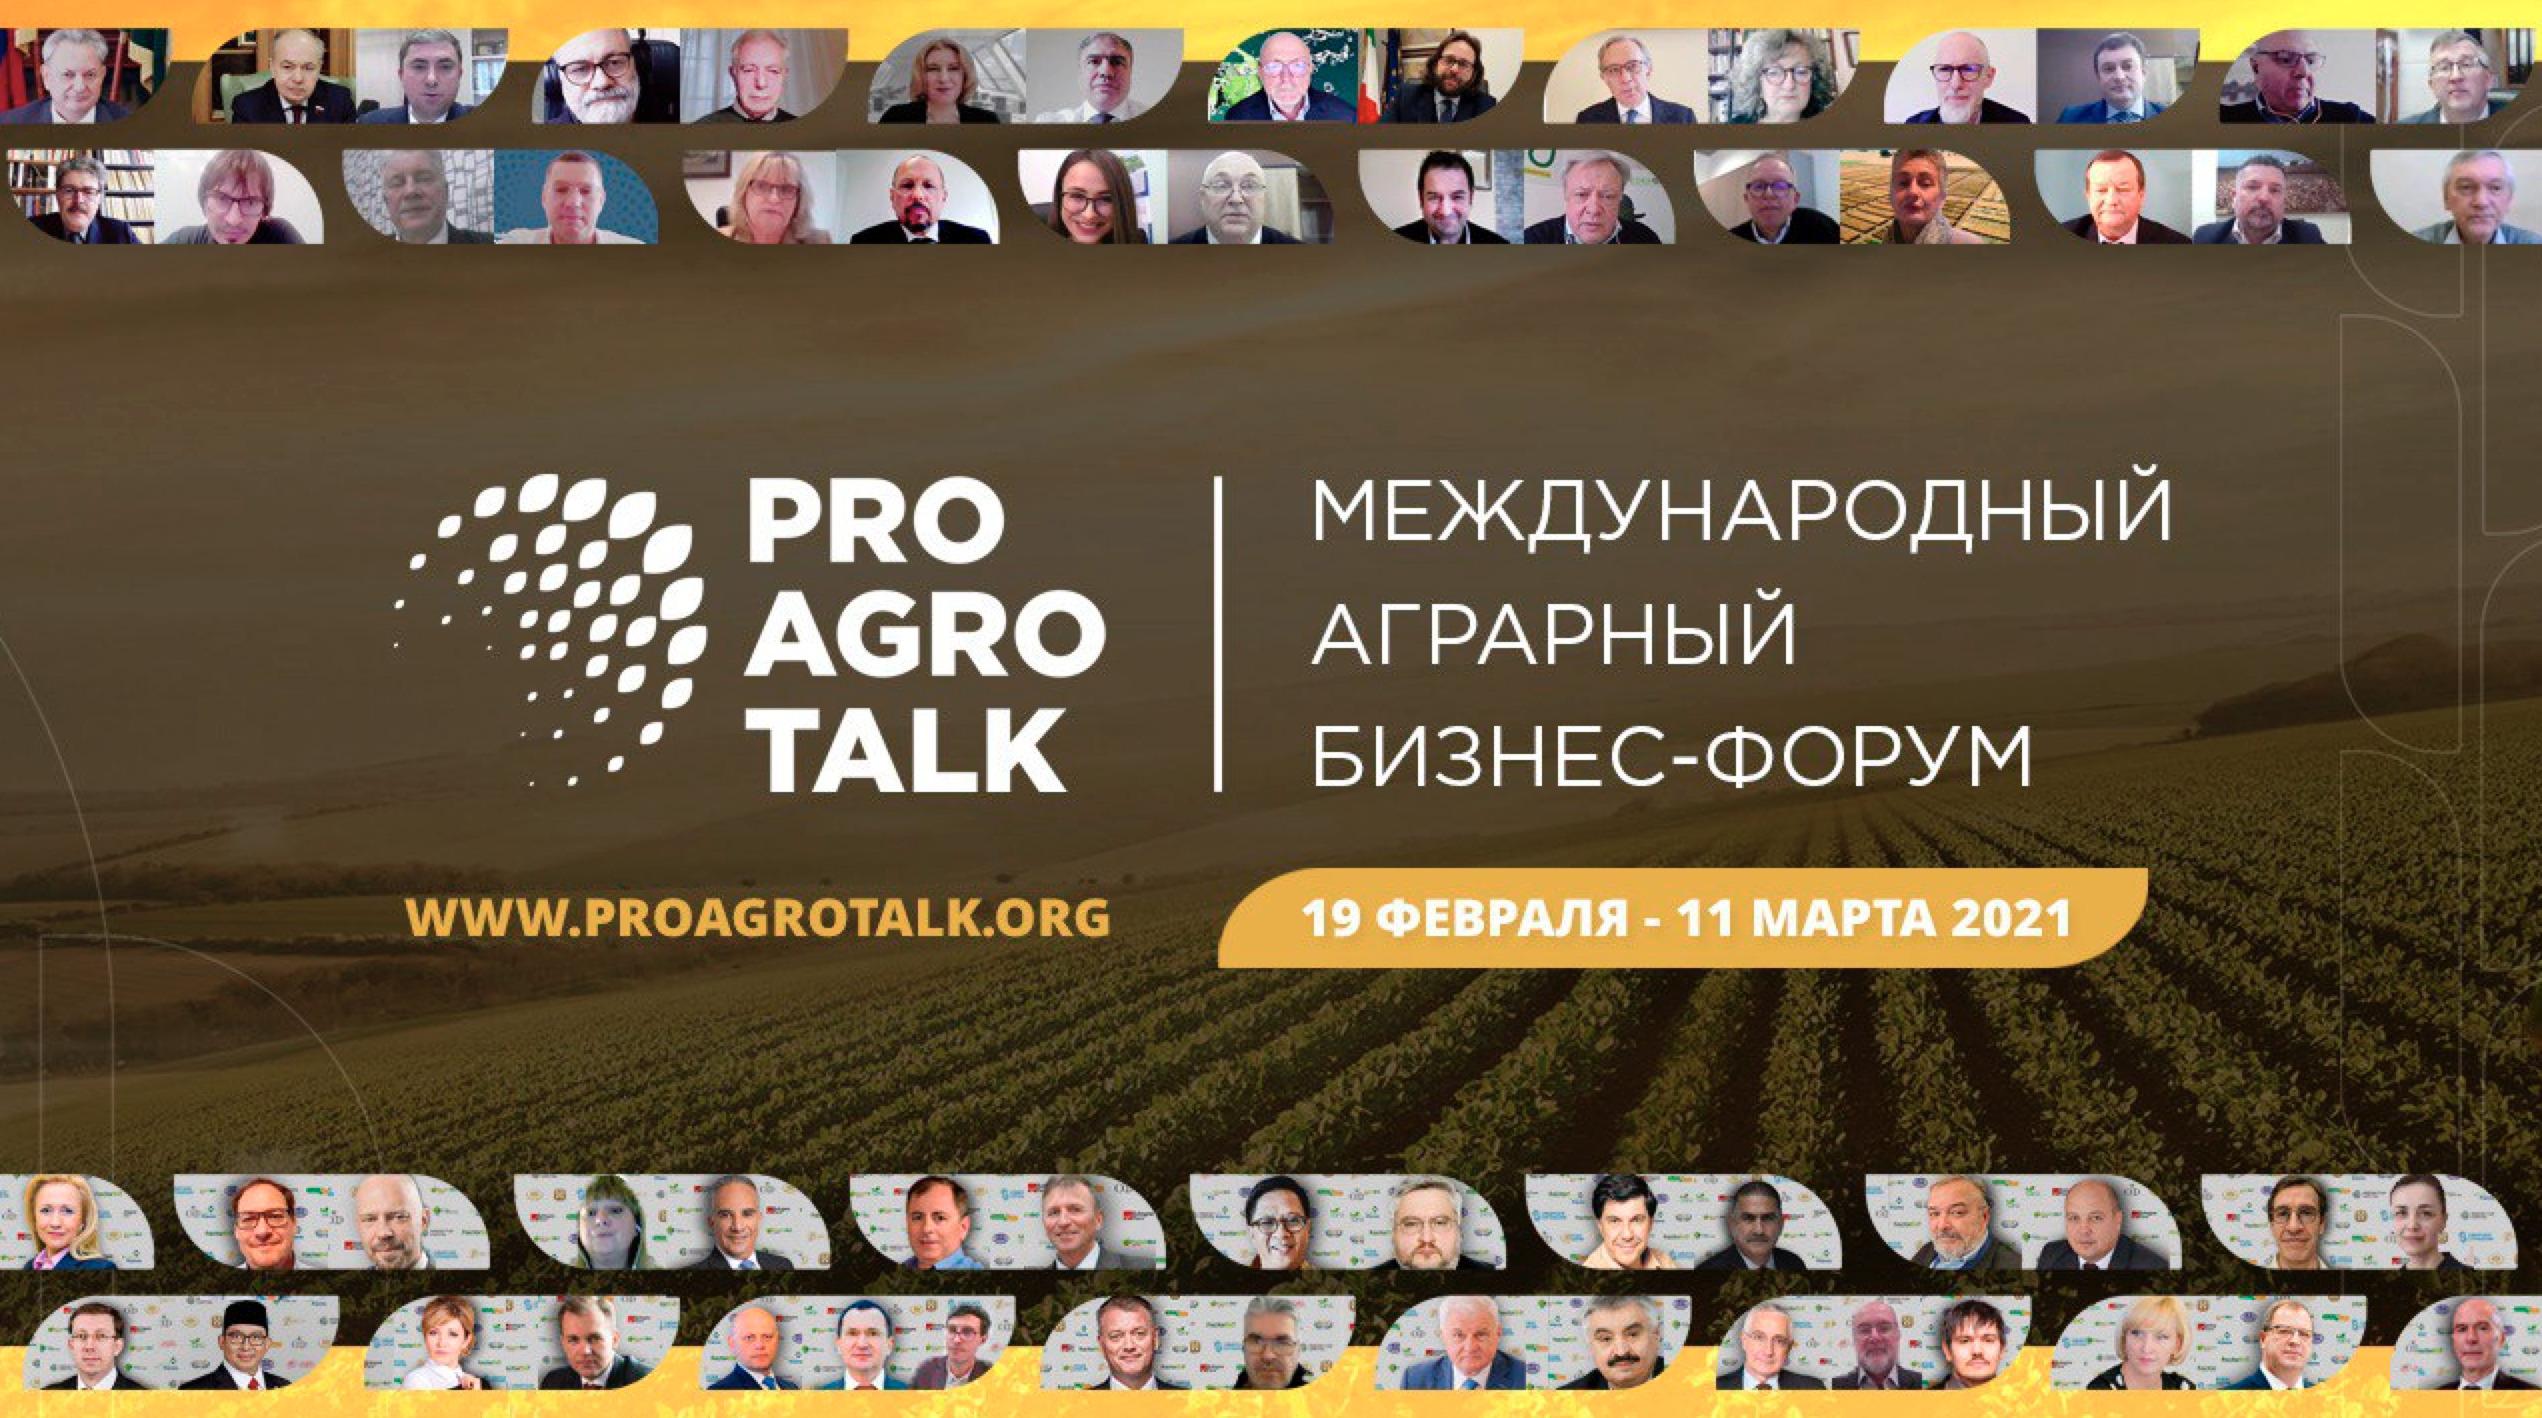 Итоги первого Международного аграрного бизнес-форума ProAgroTalk 1.0